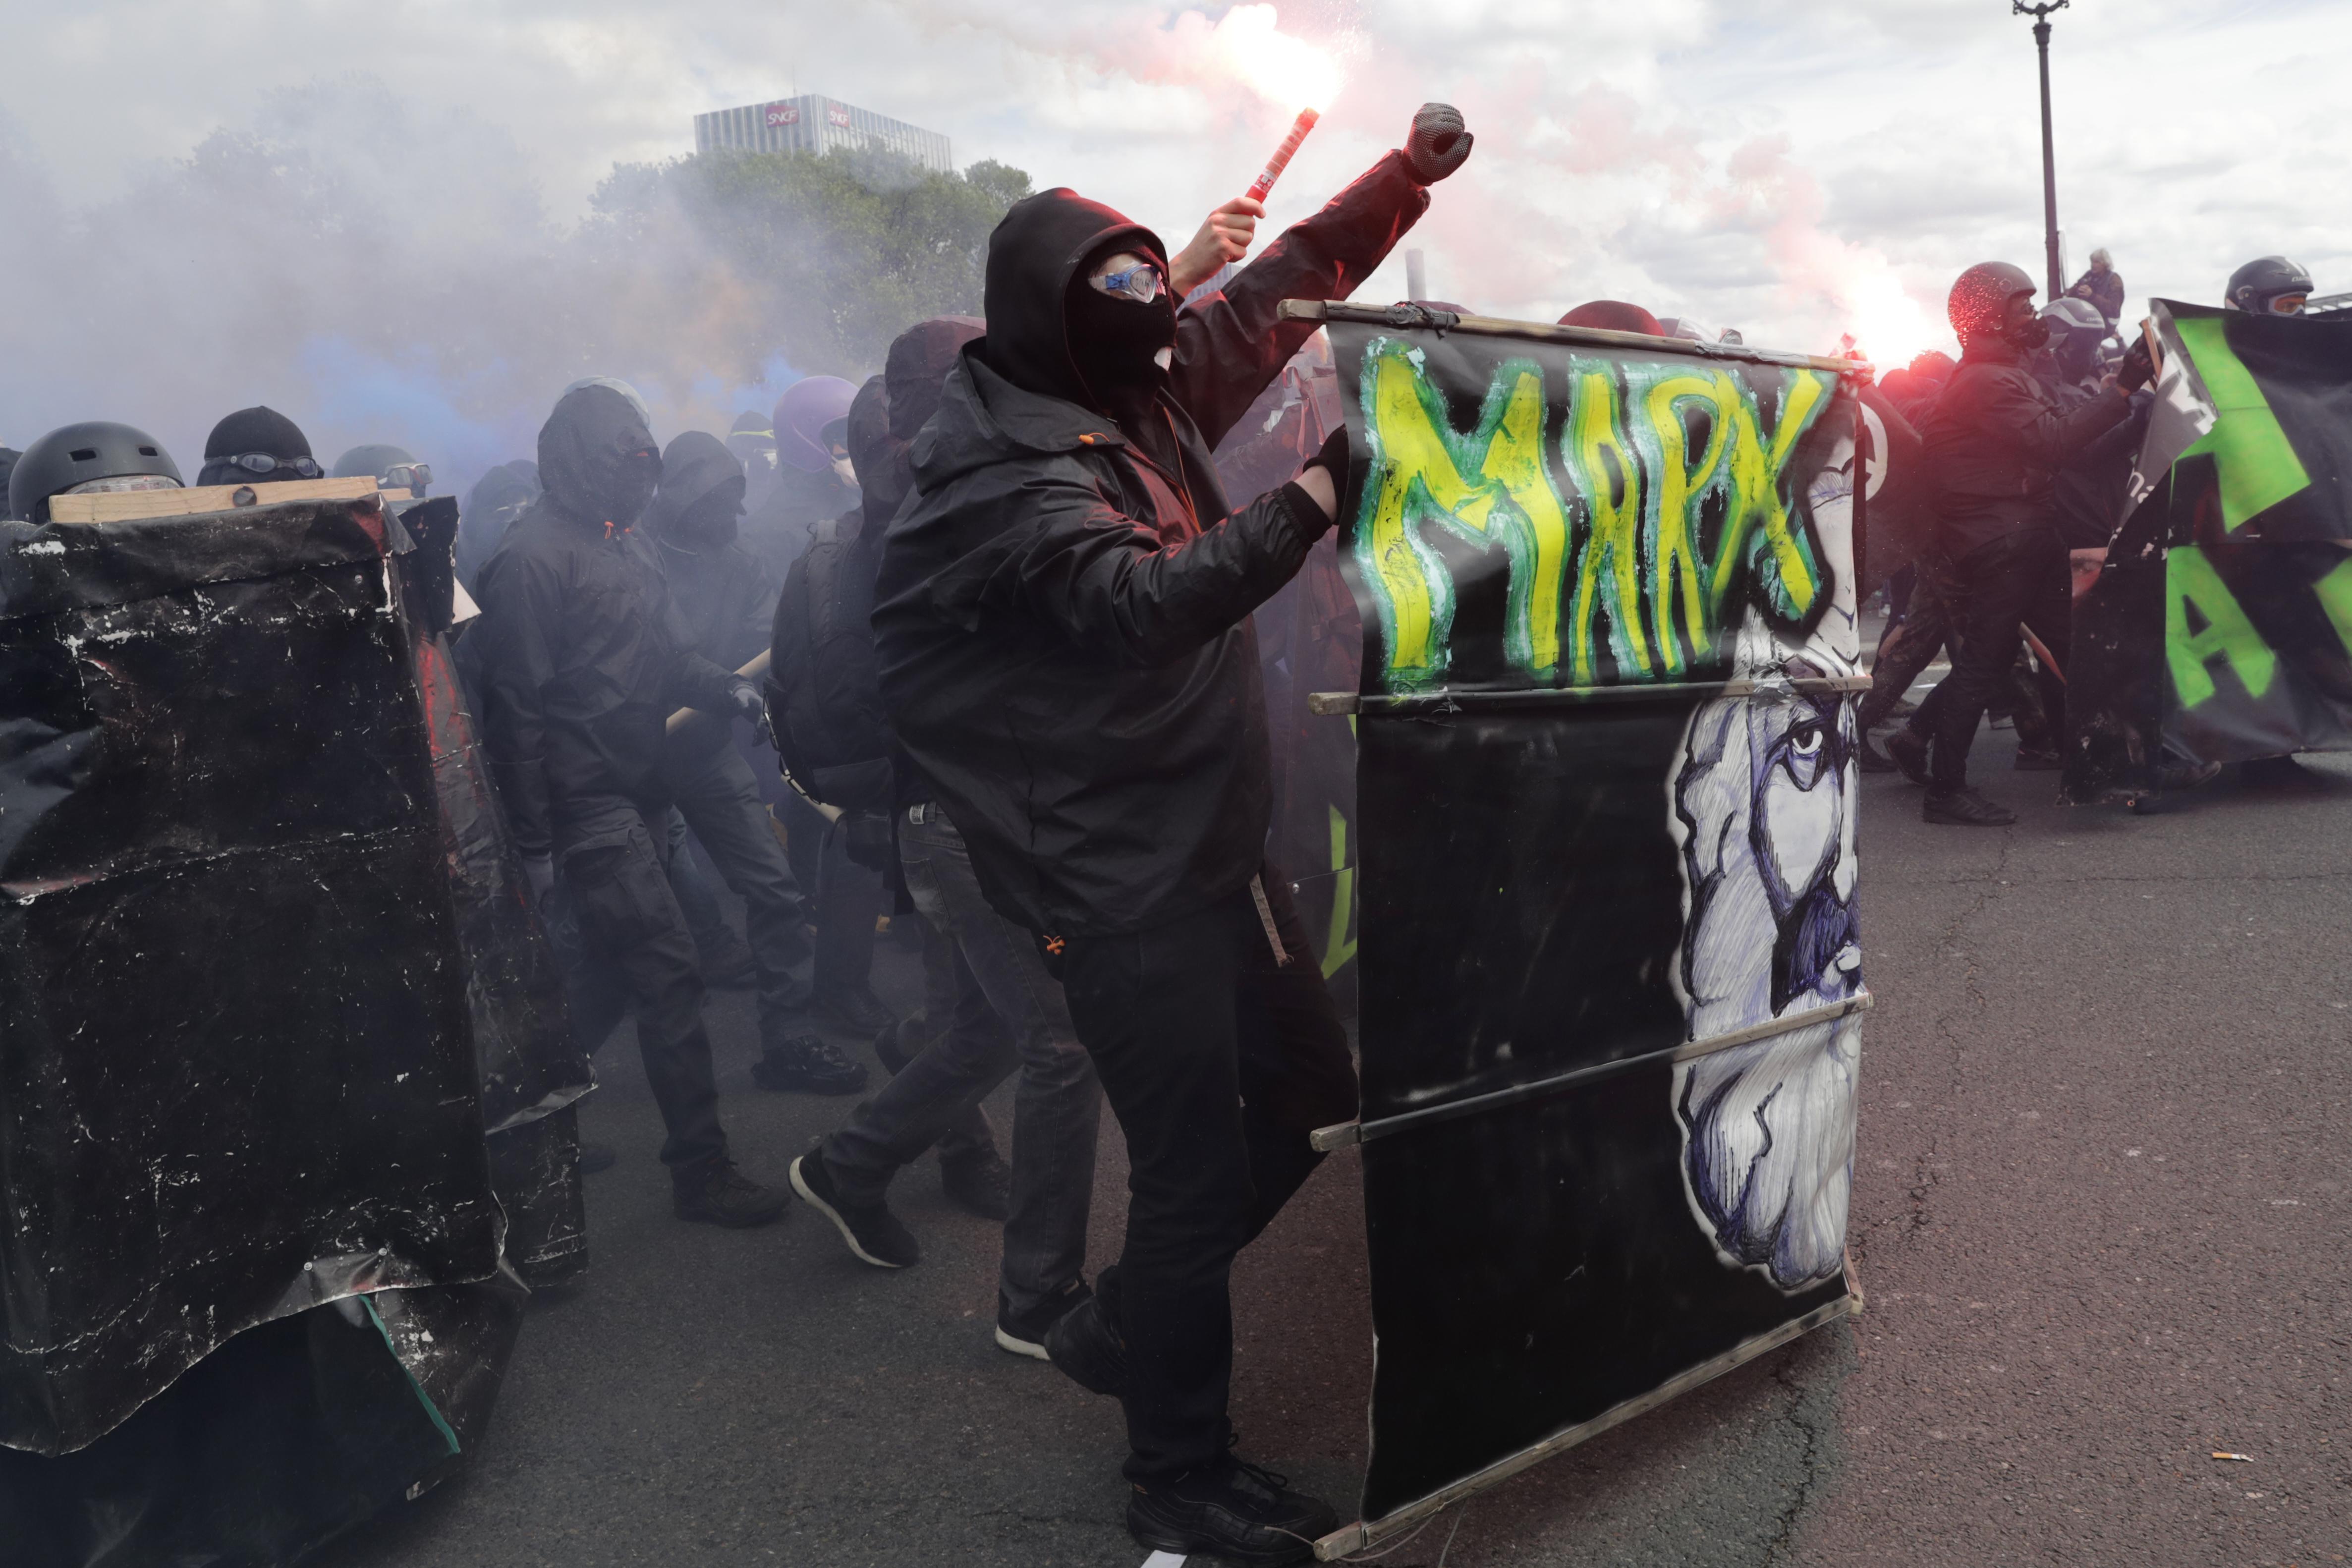 Gyújtogattak és romboltak Párizs belvárosában a szélsőbalos tüntetők